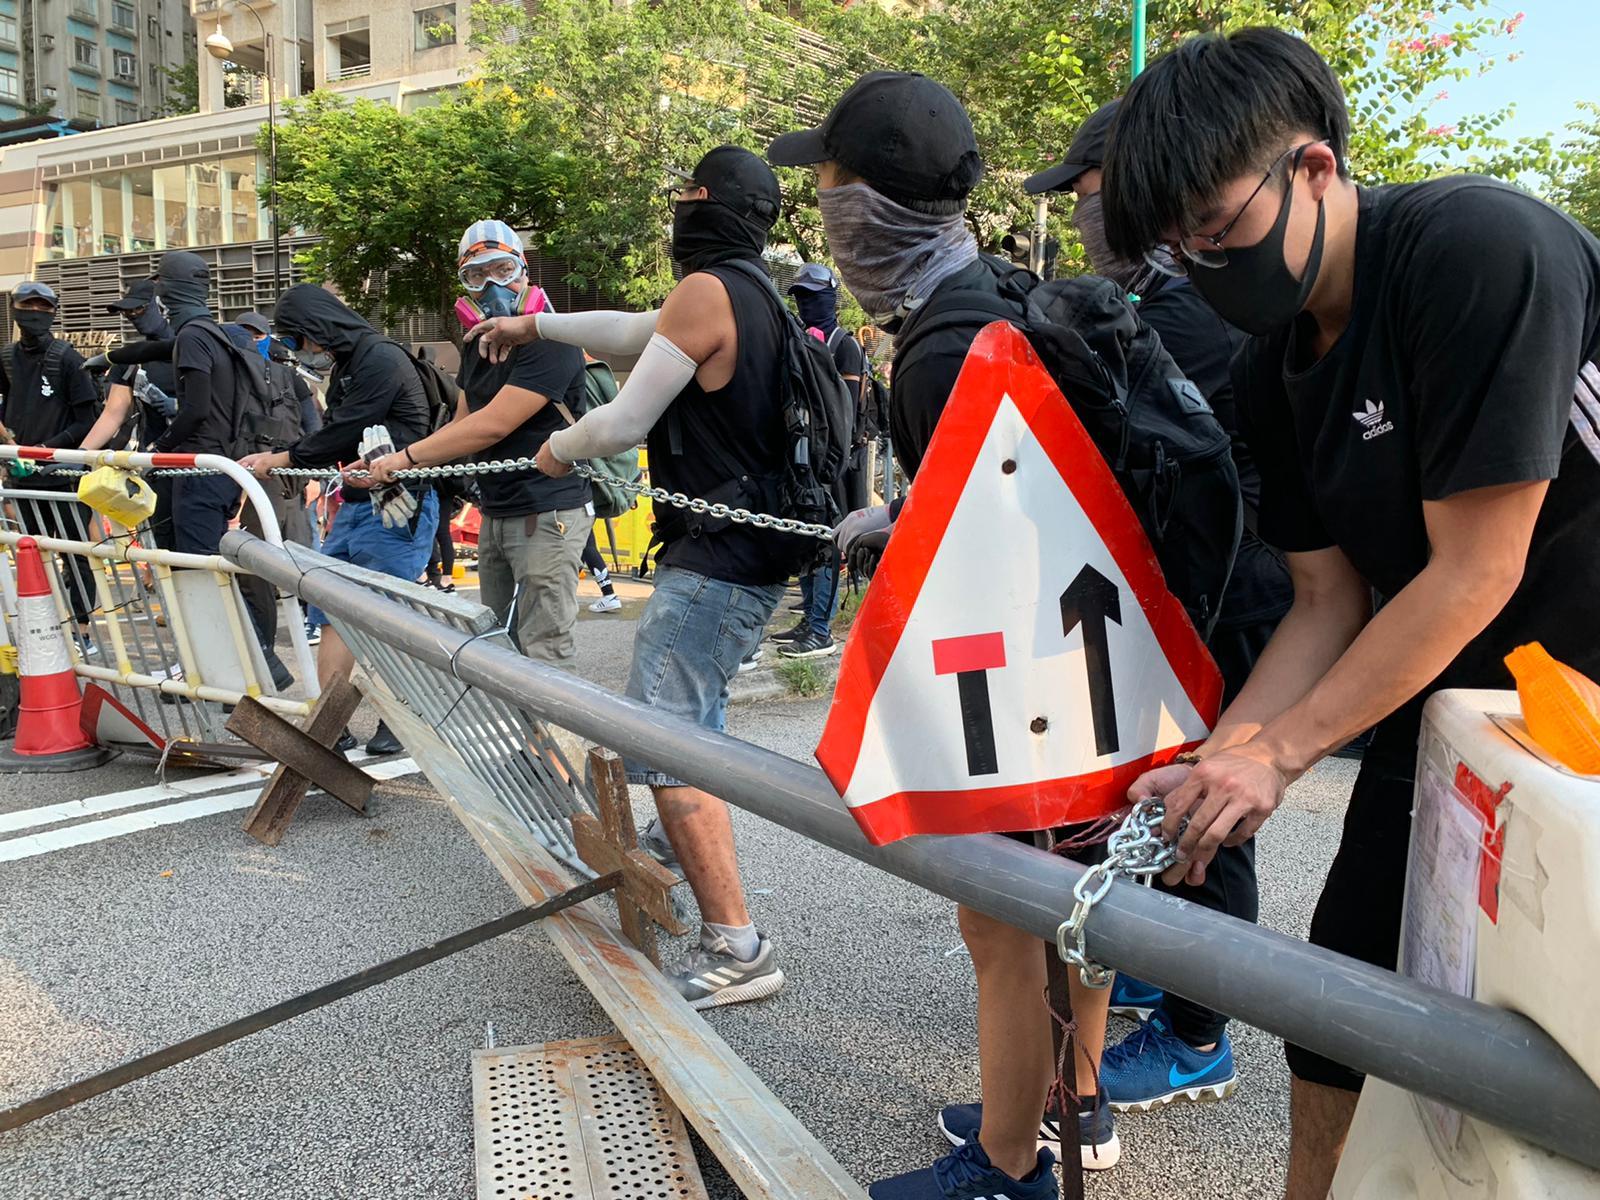 示威者繼續破壞設施設置路障